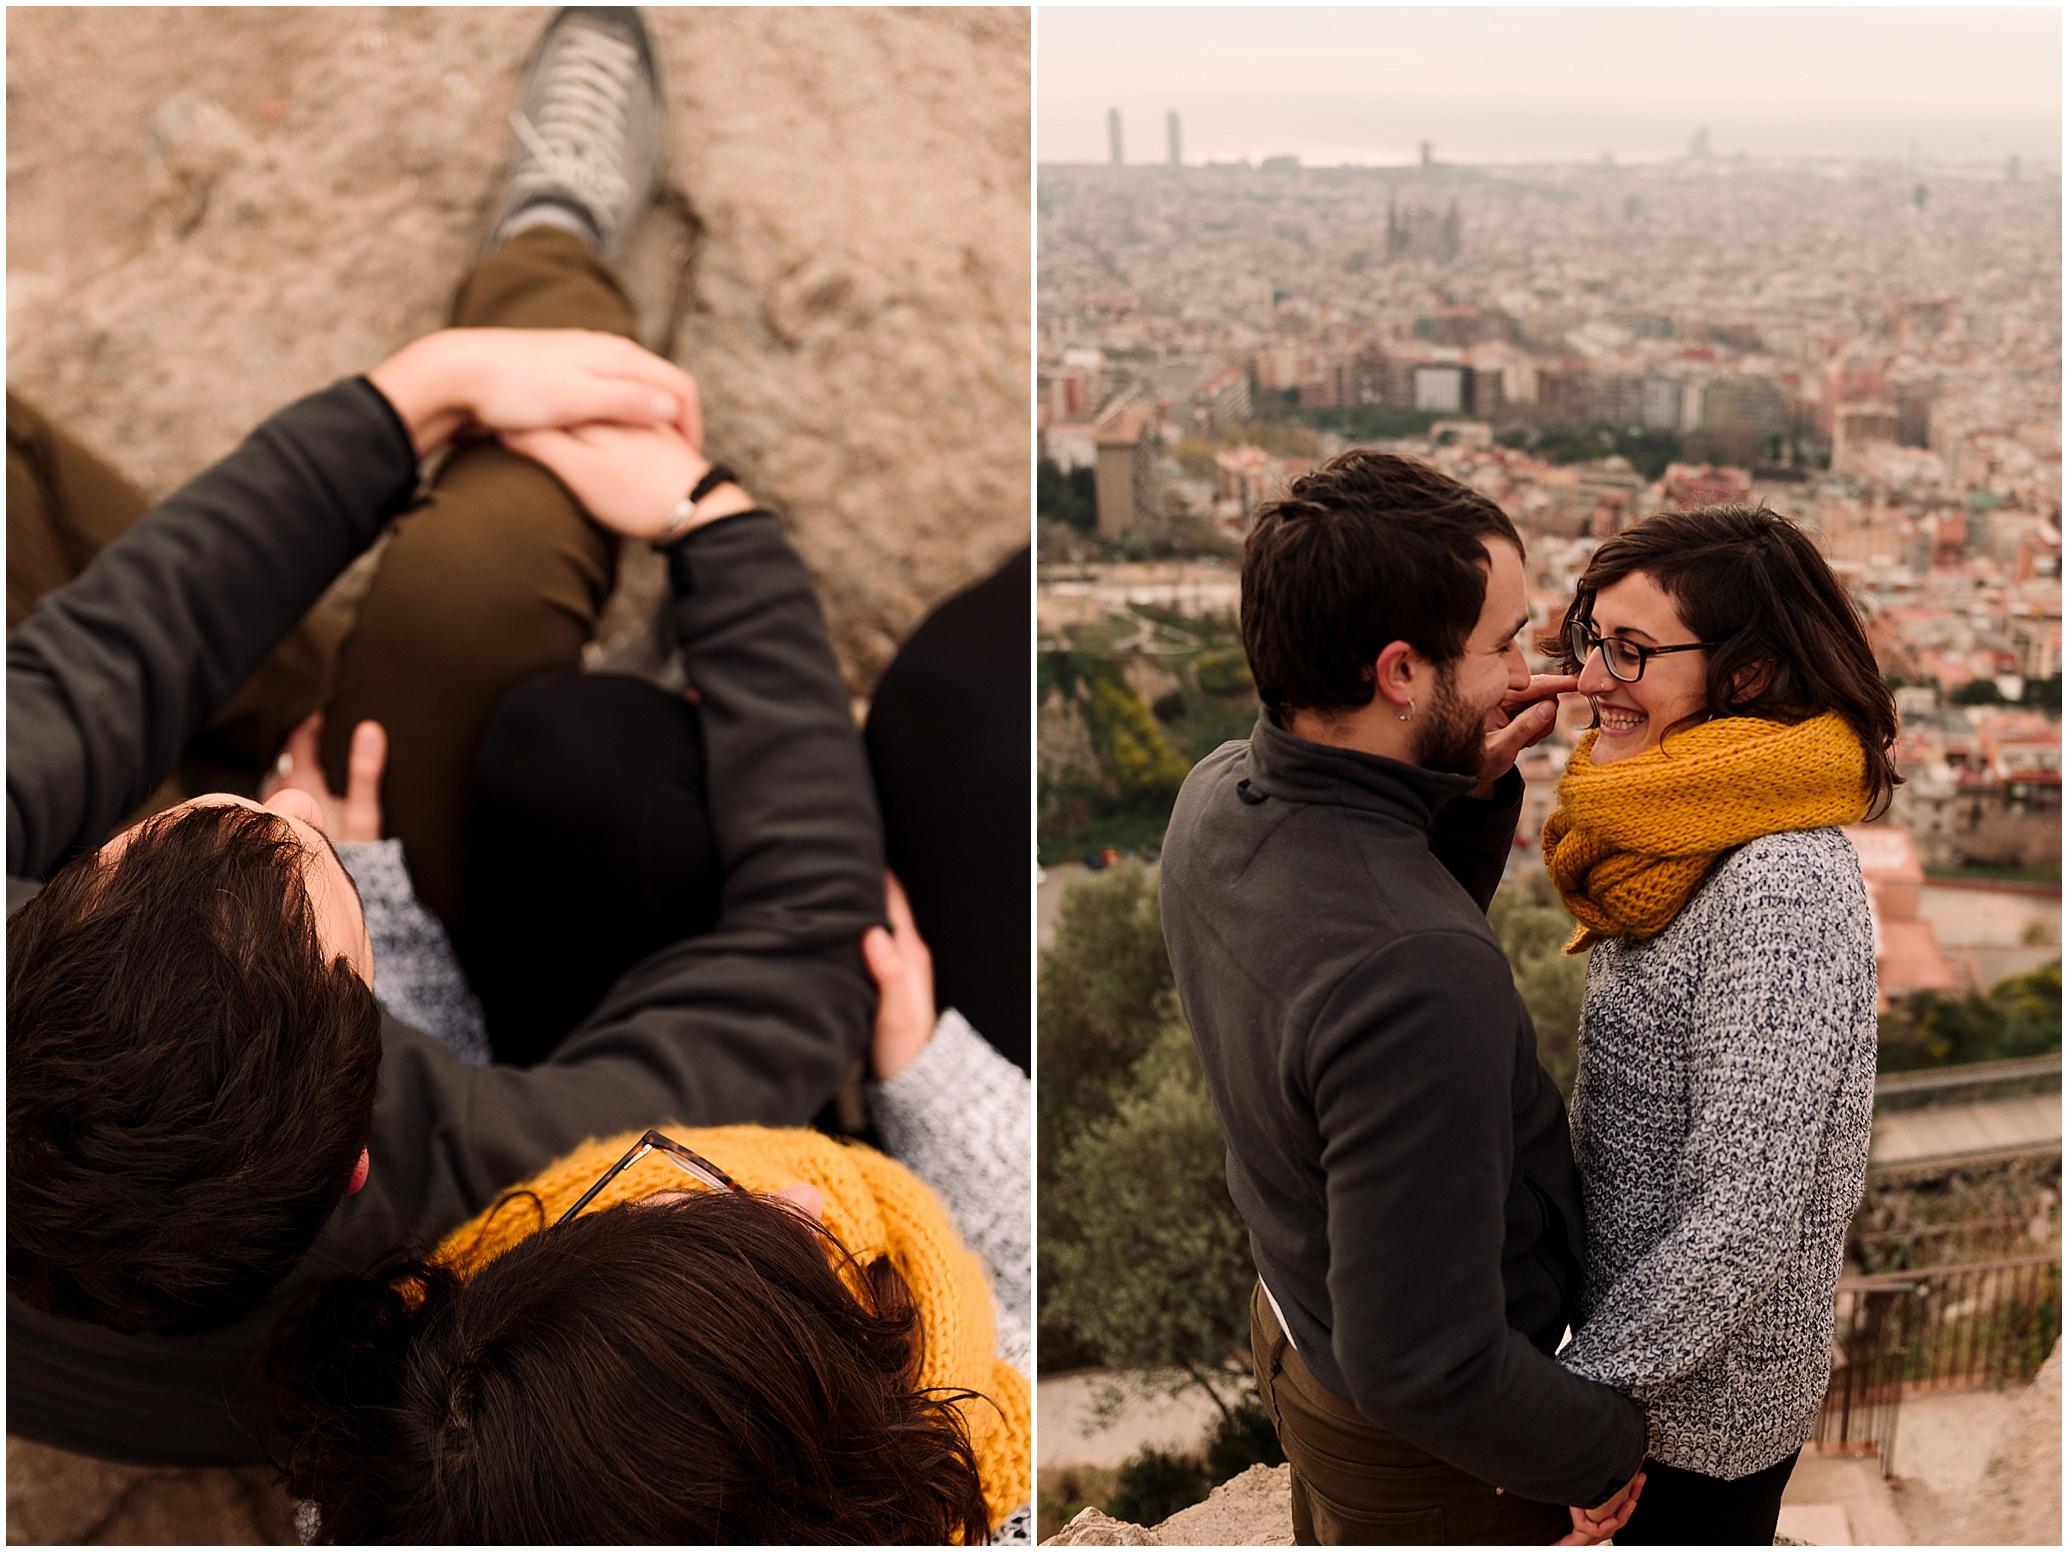 Hannah Leigh Photography bunquers del carmel barcelona spain_3115.jpg